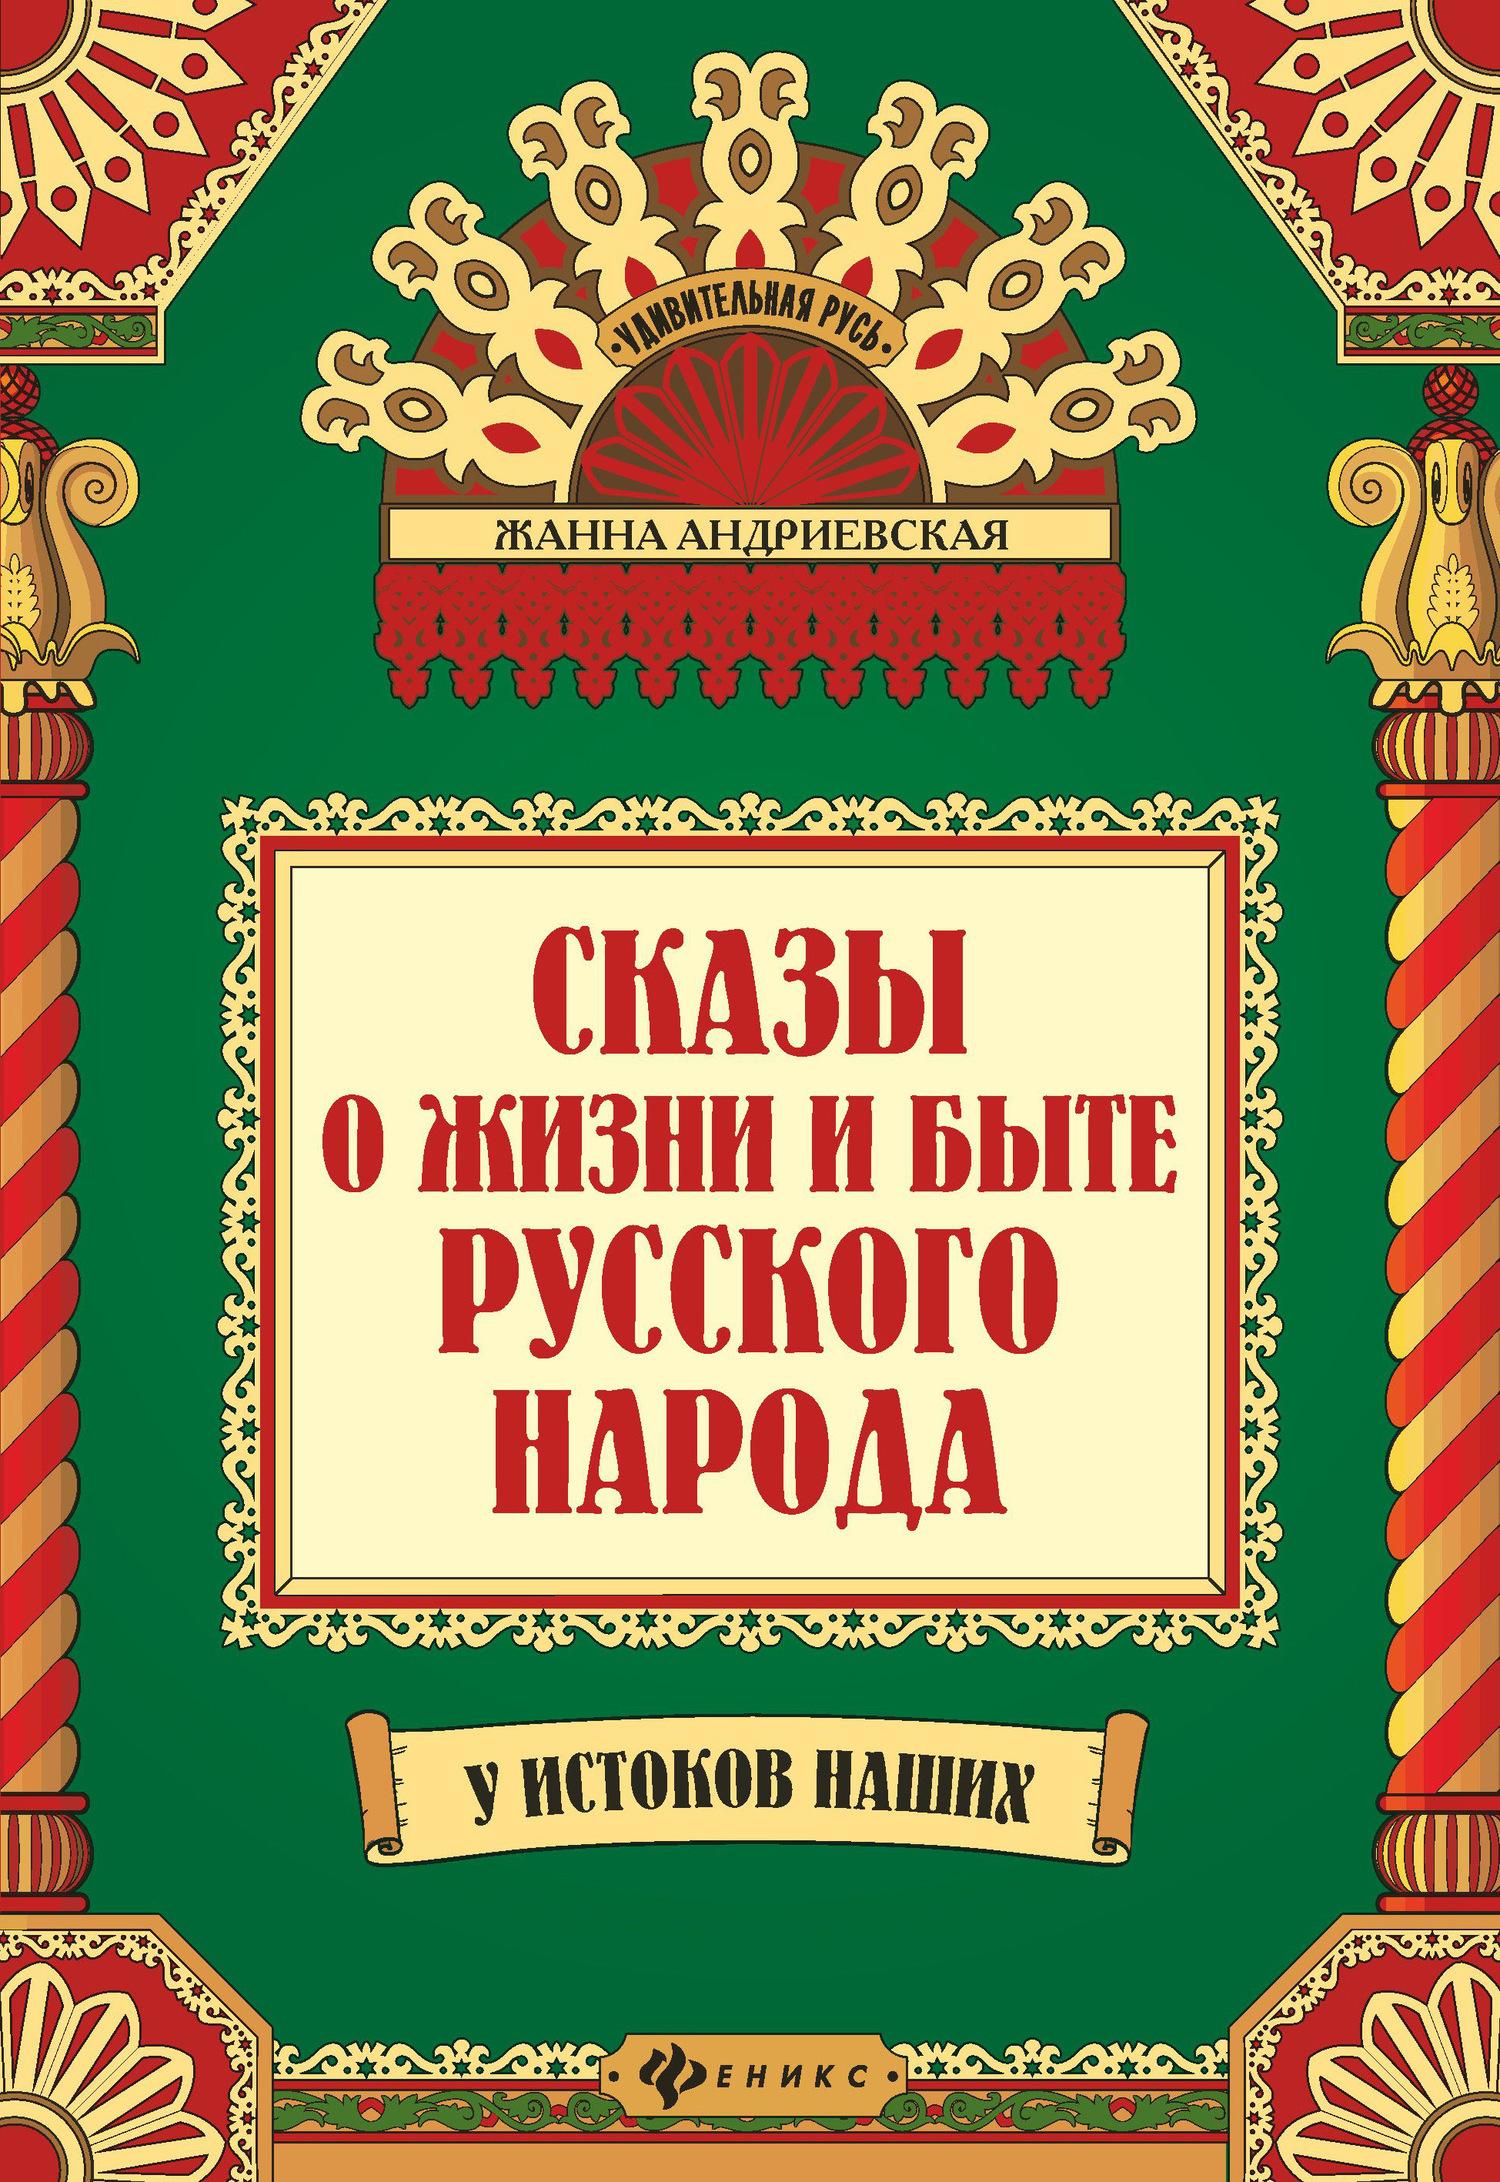 Рецензия  на книгу Сказы о жизни и быте русского народа